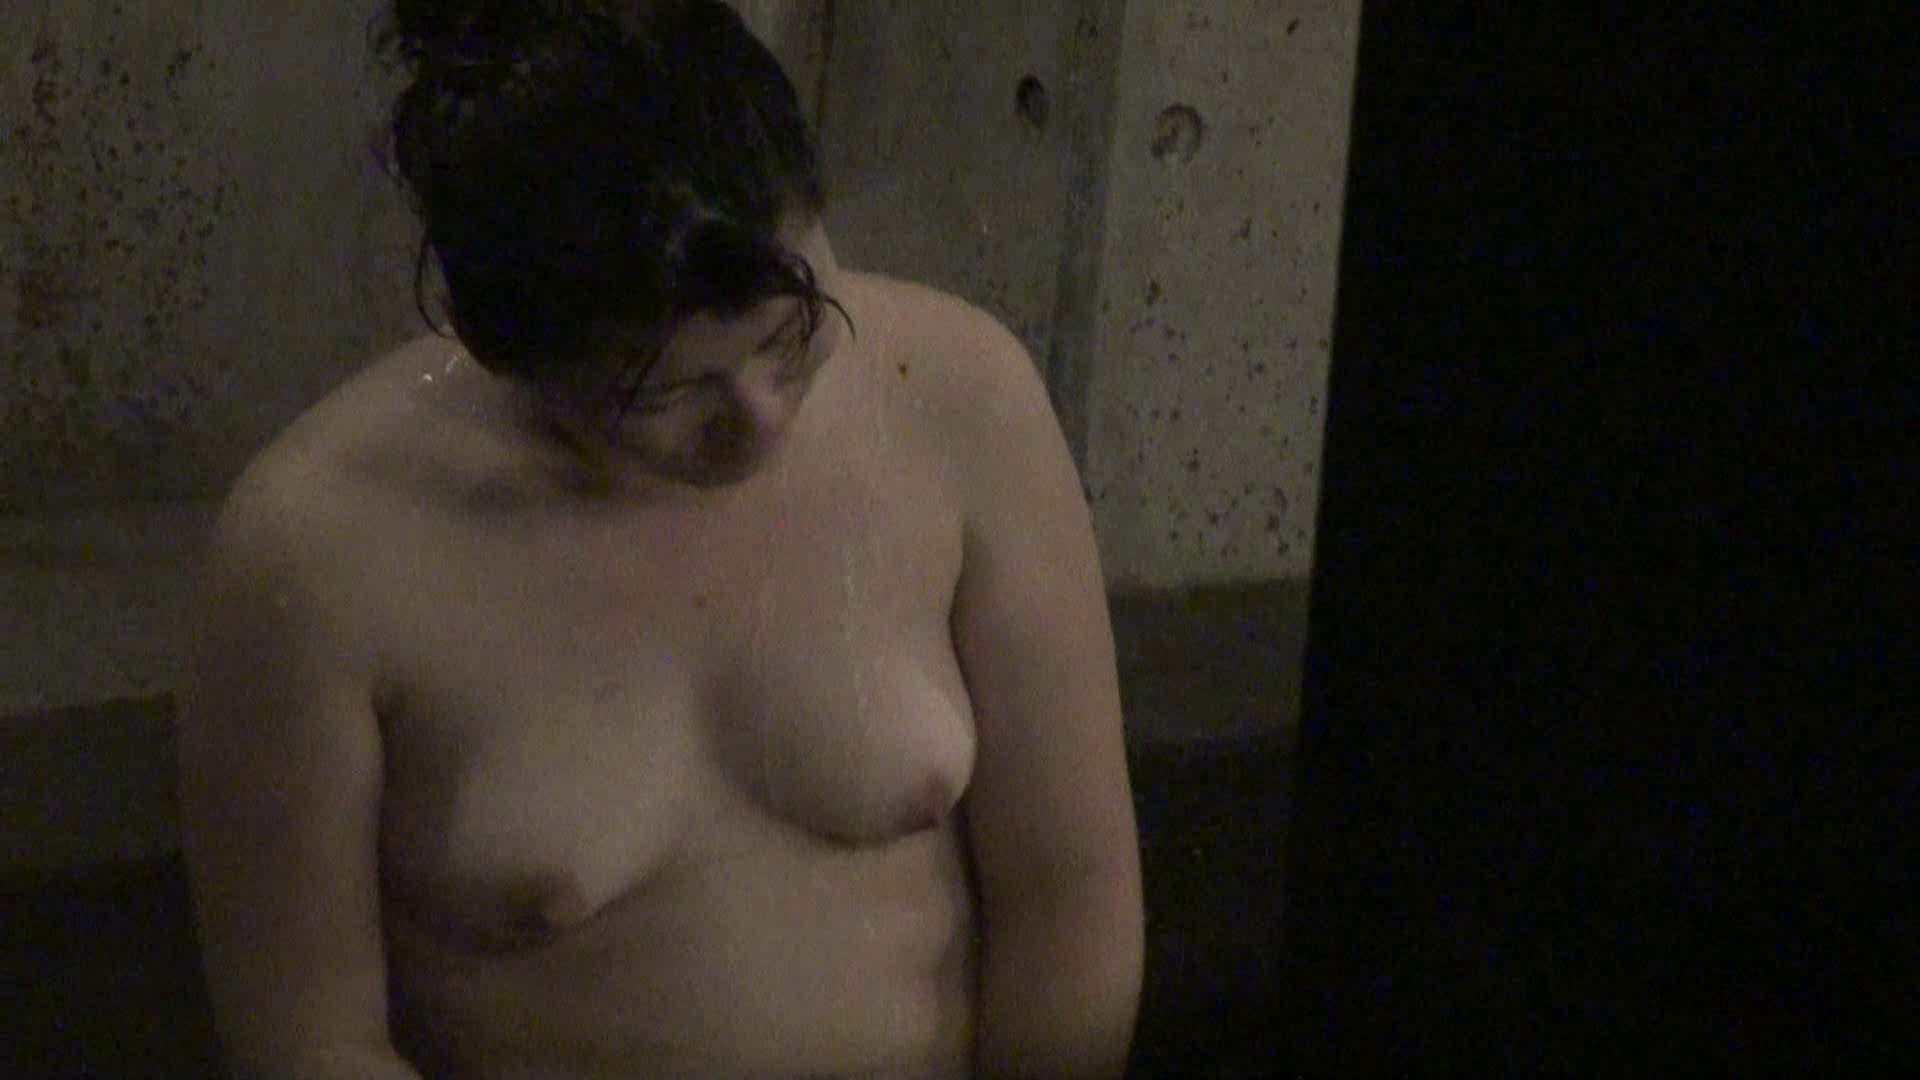 Aquaな露天風呂Vol.334 美しいOLの裸体 | 盗撮師作品  102pic 55